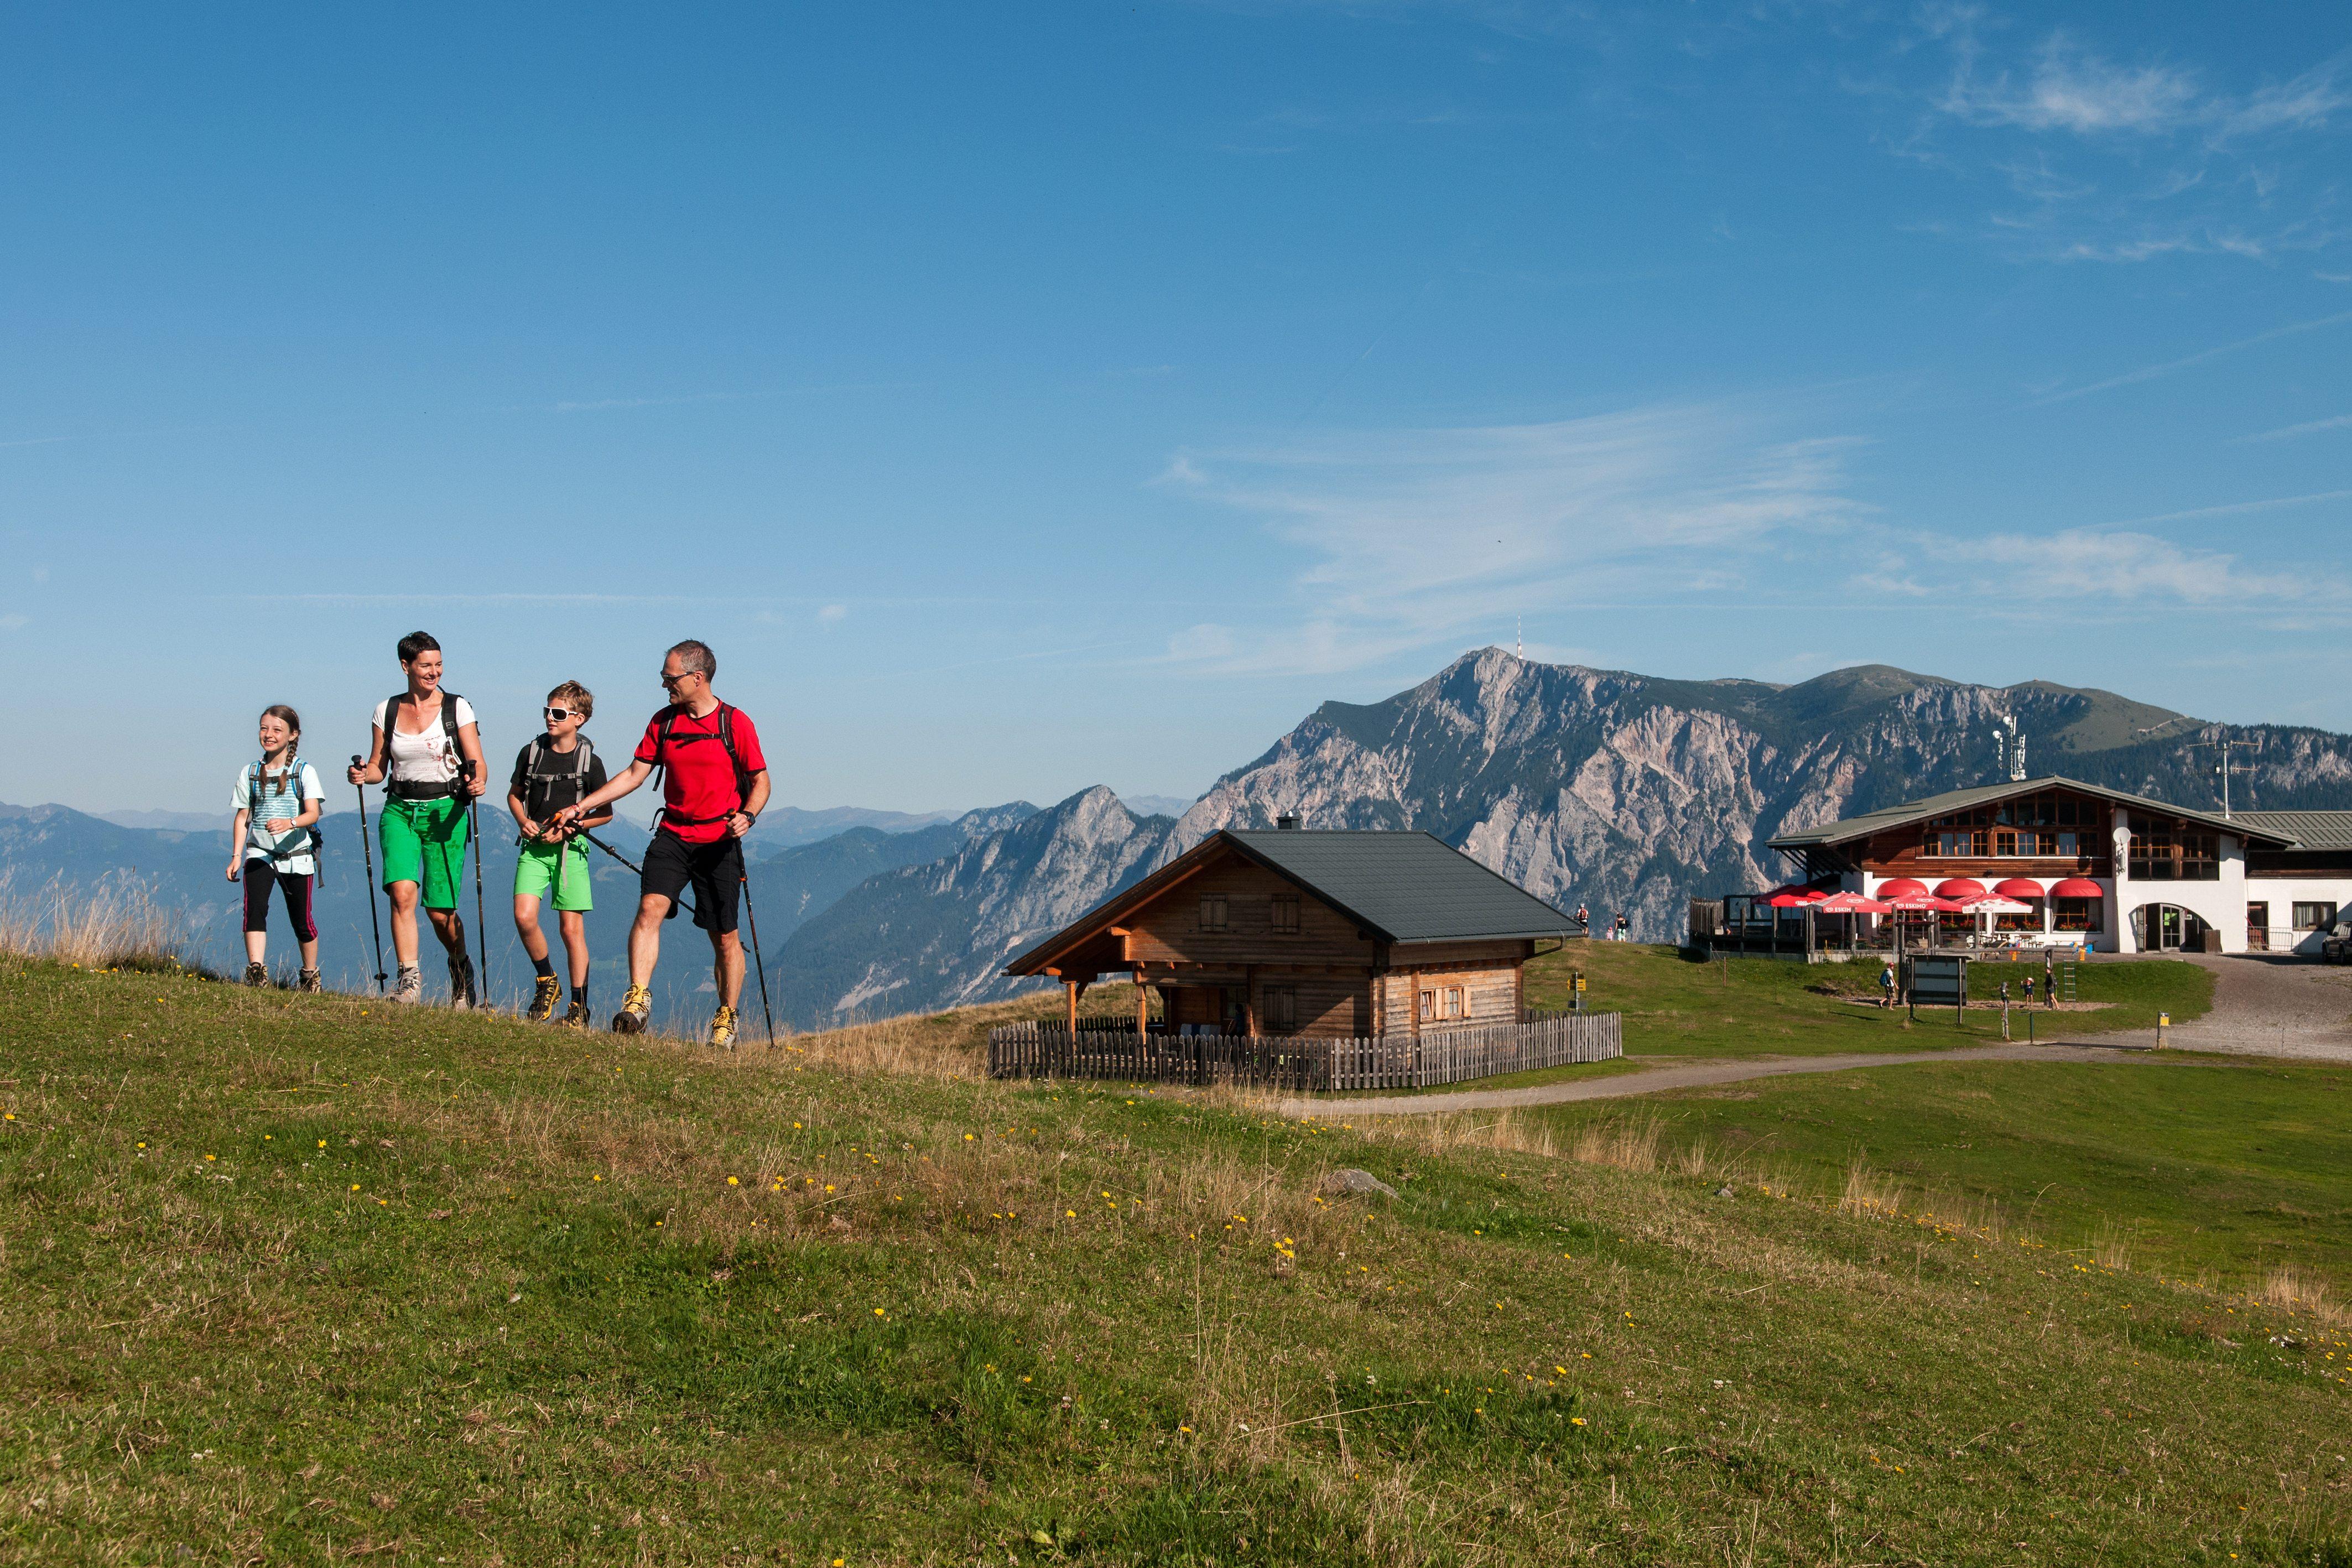 Familienwanderung in Kärnten - Bergbahn Dreiländereck, Ferienregion Arnoldstein